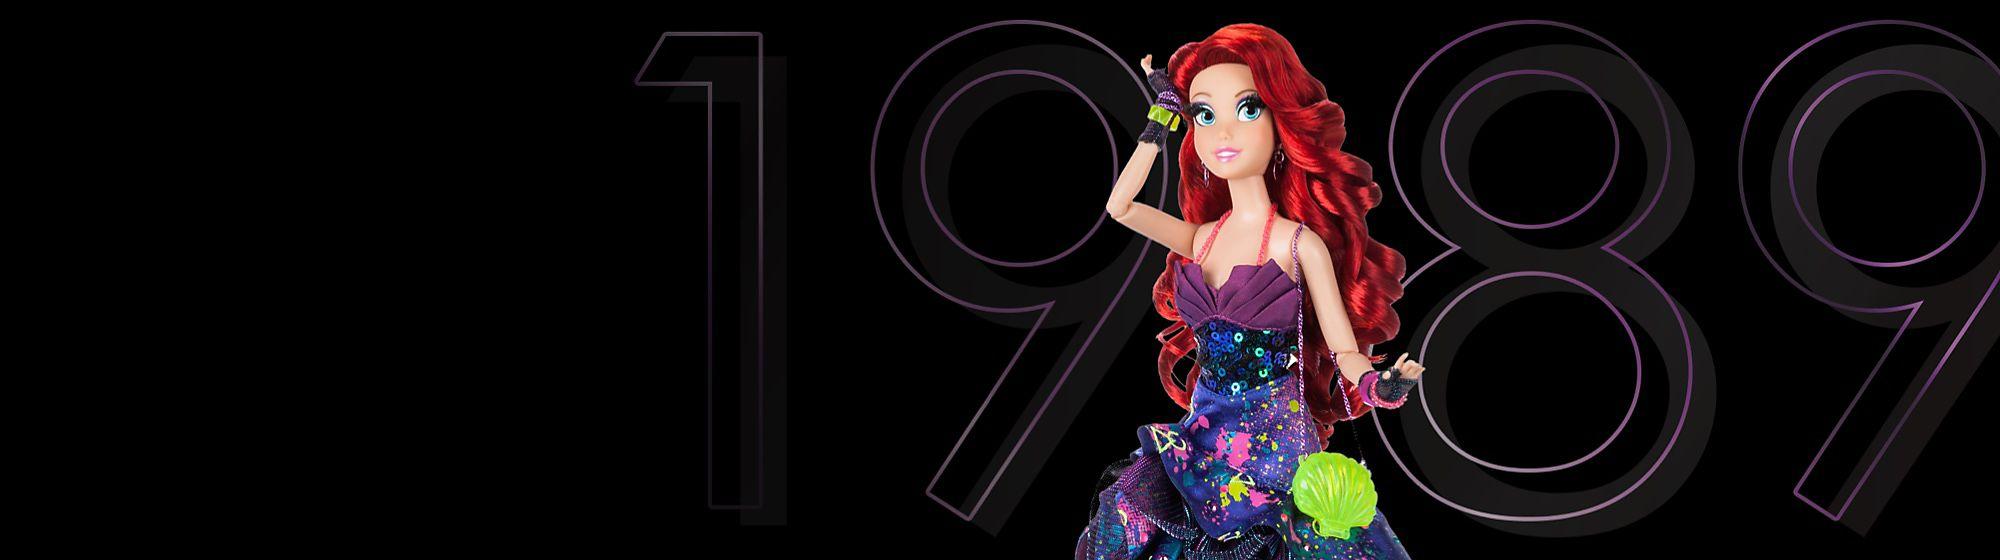 Collection Disney Designer Premiere Series Ariel Sortie le 30 octobre| €110  4 500 exemplaires dans le monde  En ligne et dans une sélection de boutiques | Achat limité à 1 exemplaire par foyer